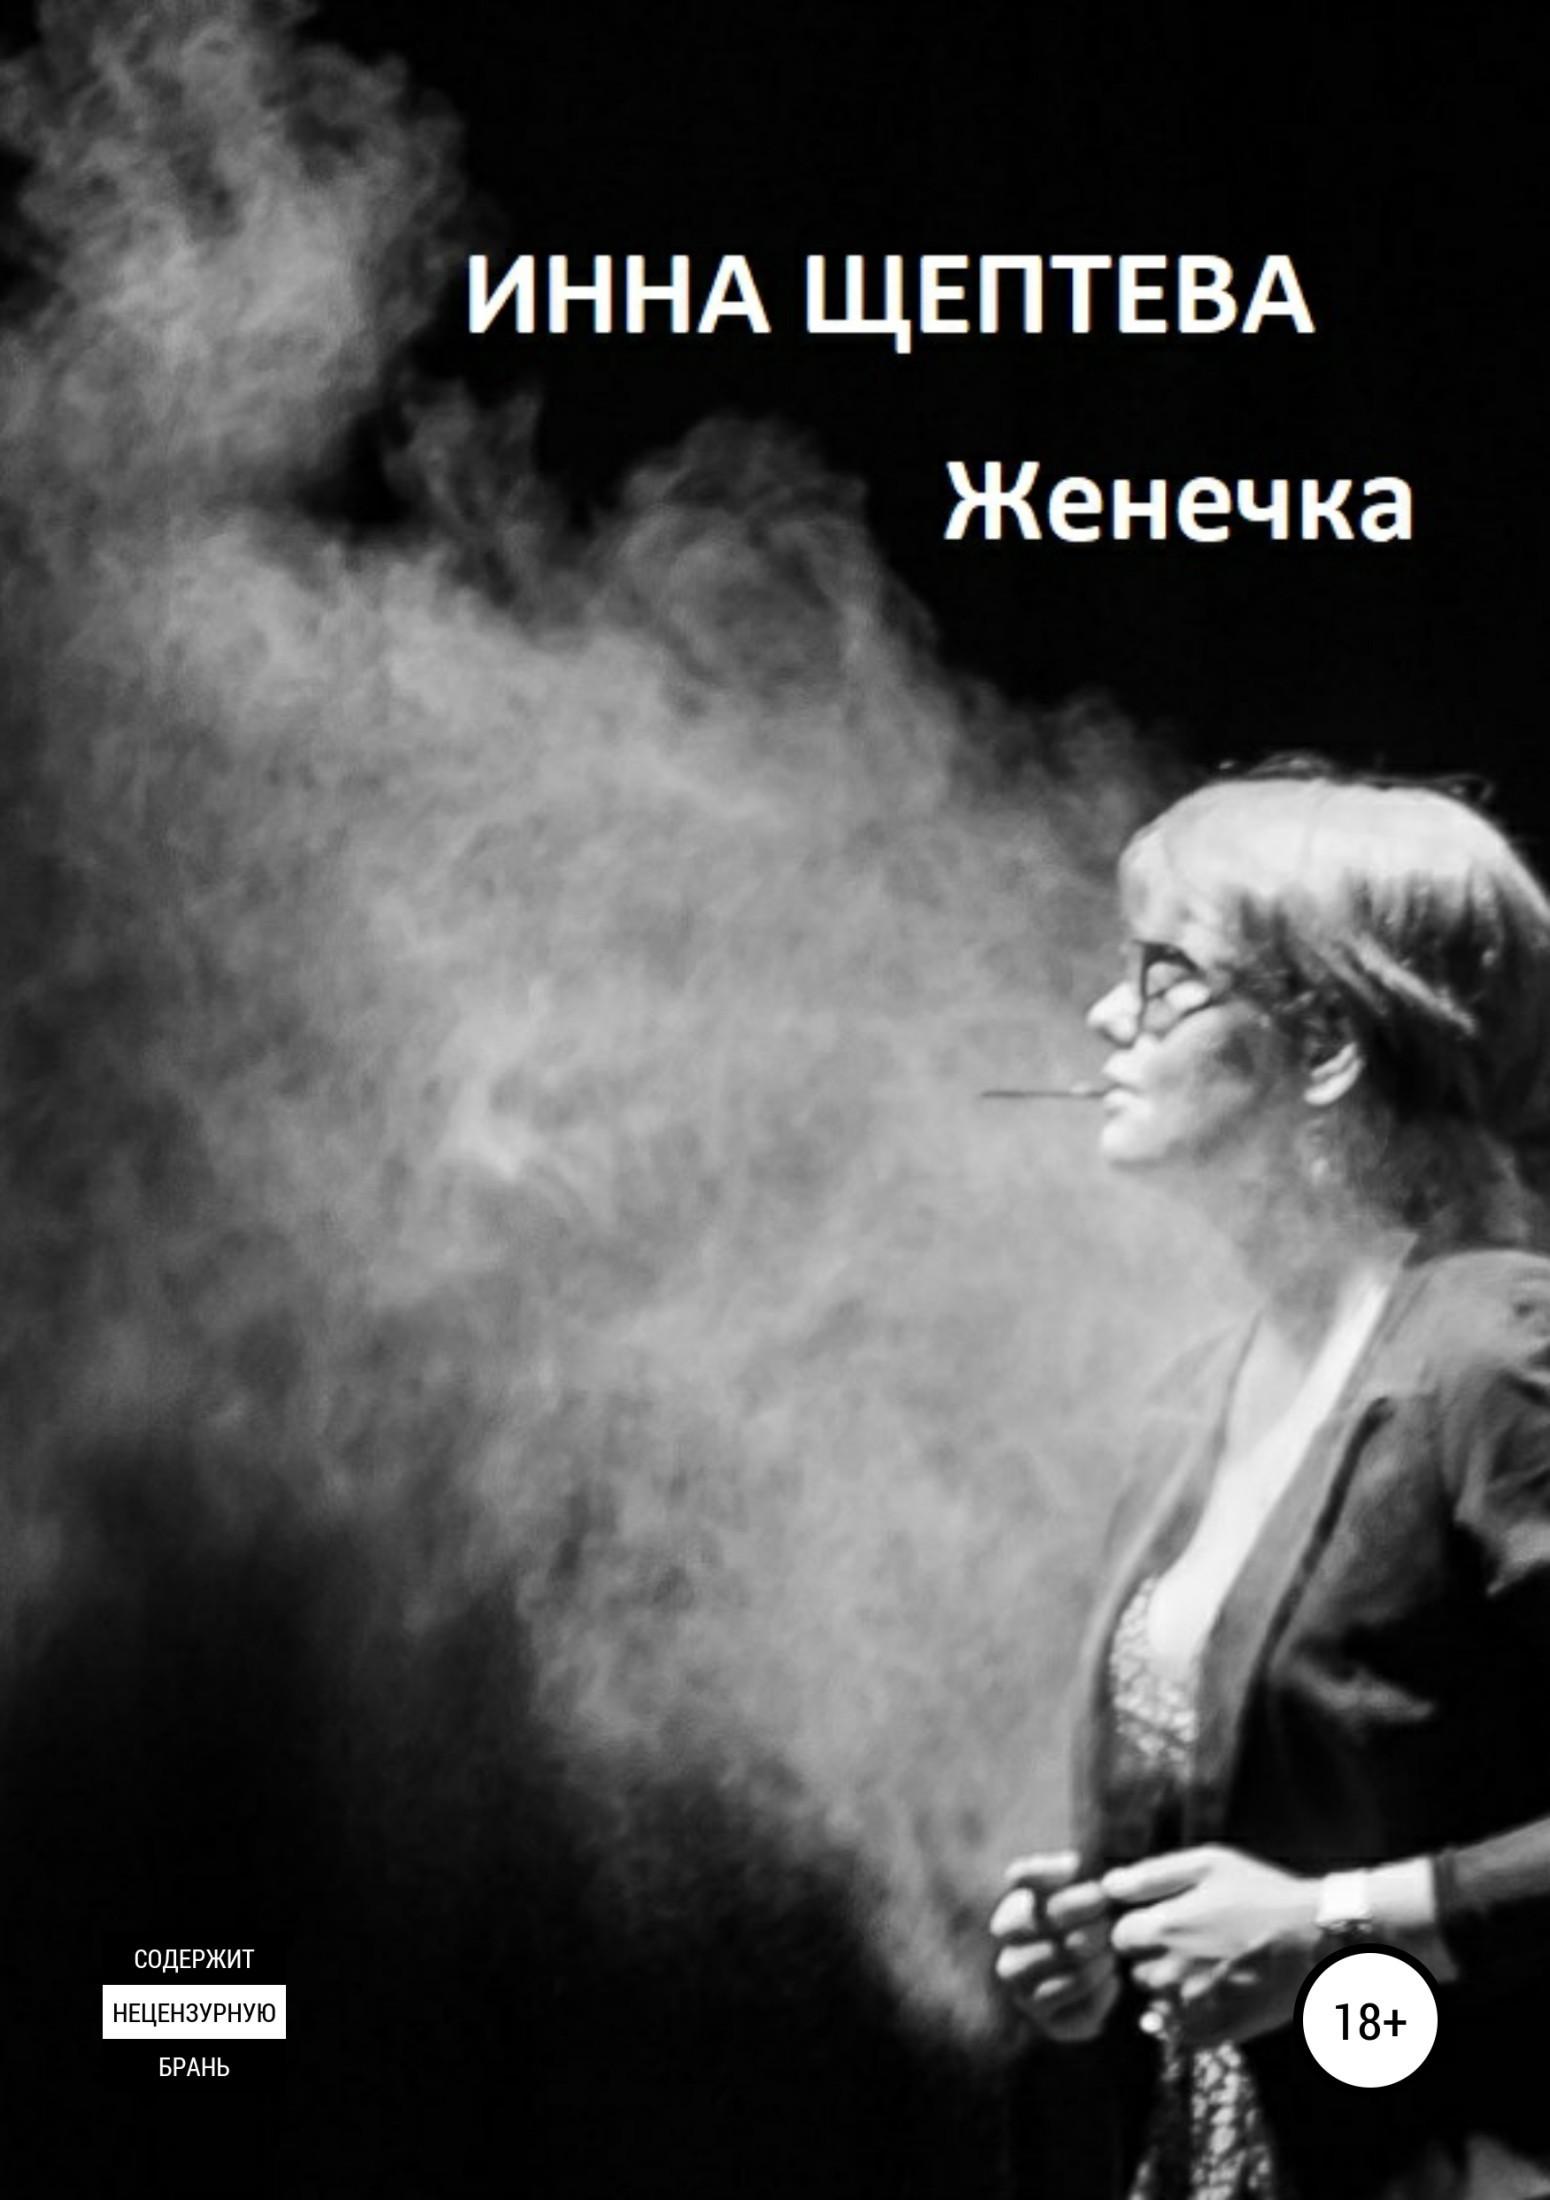 Инна Эдуардовна Щептева Женечка радостная мудрость принятие перемен и обретение свободы